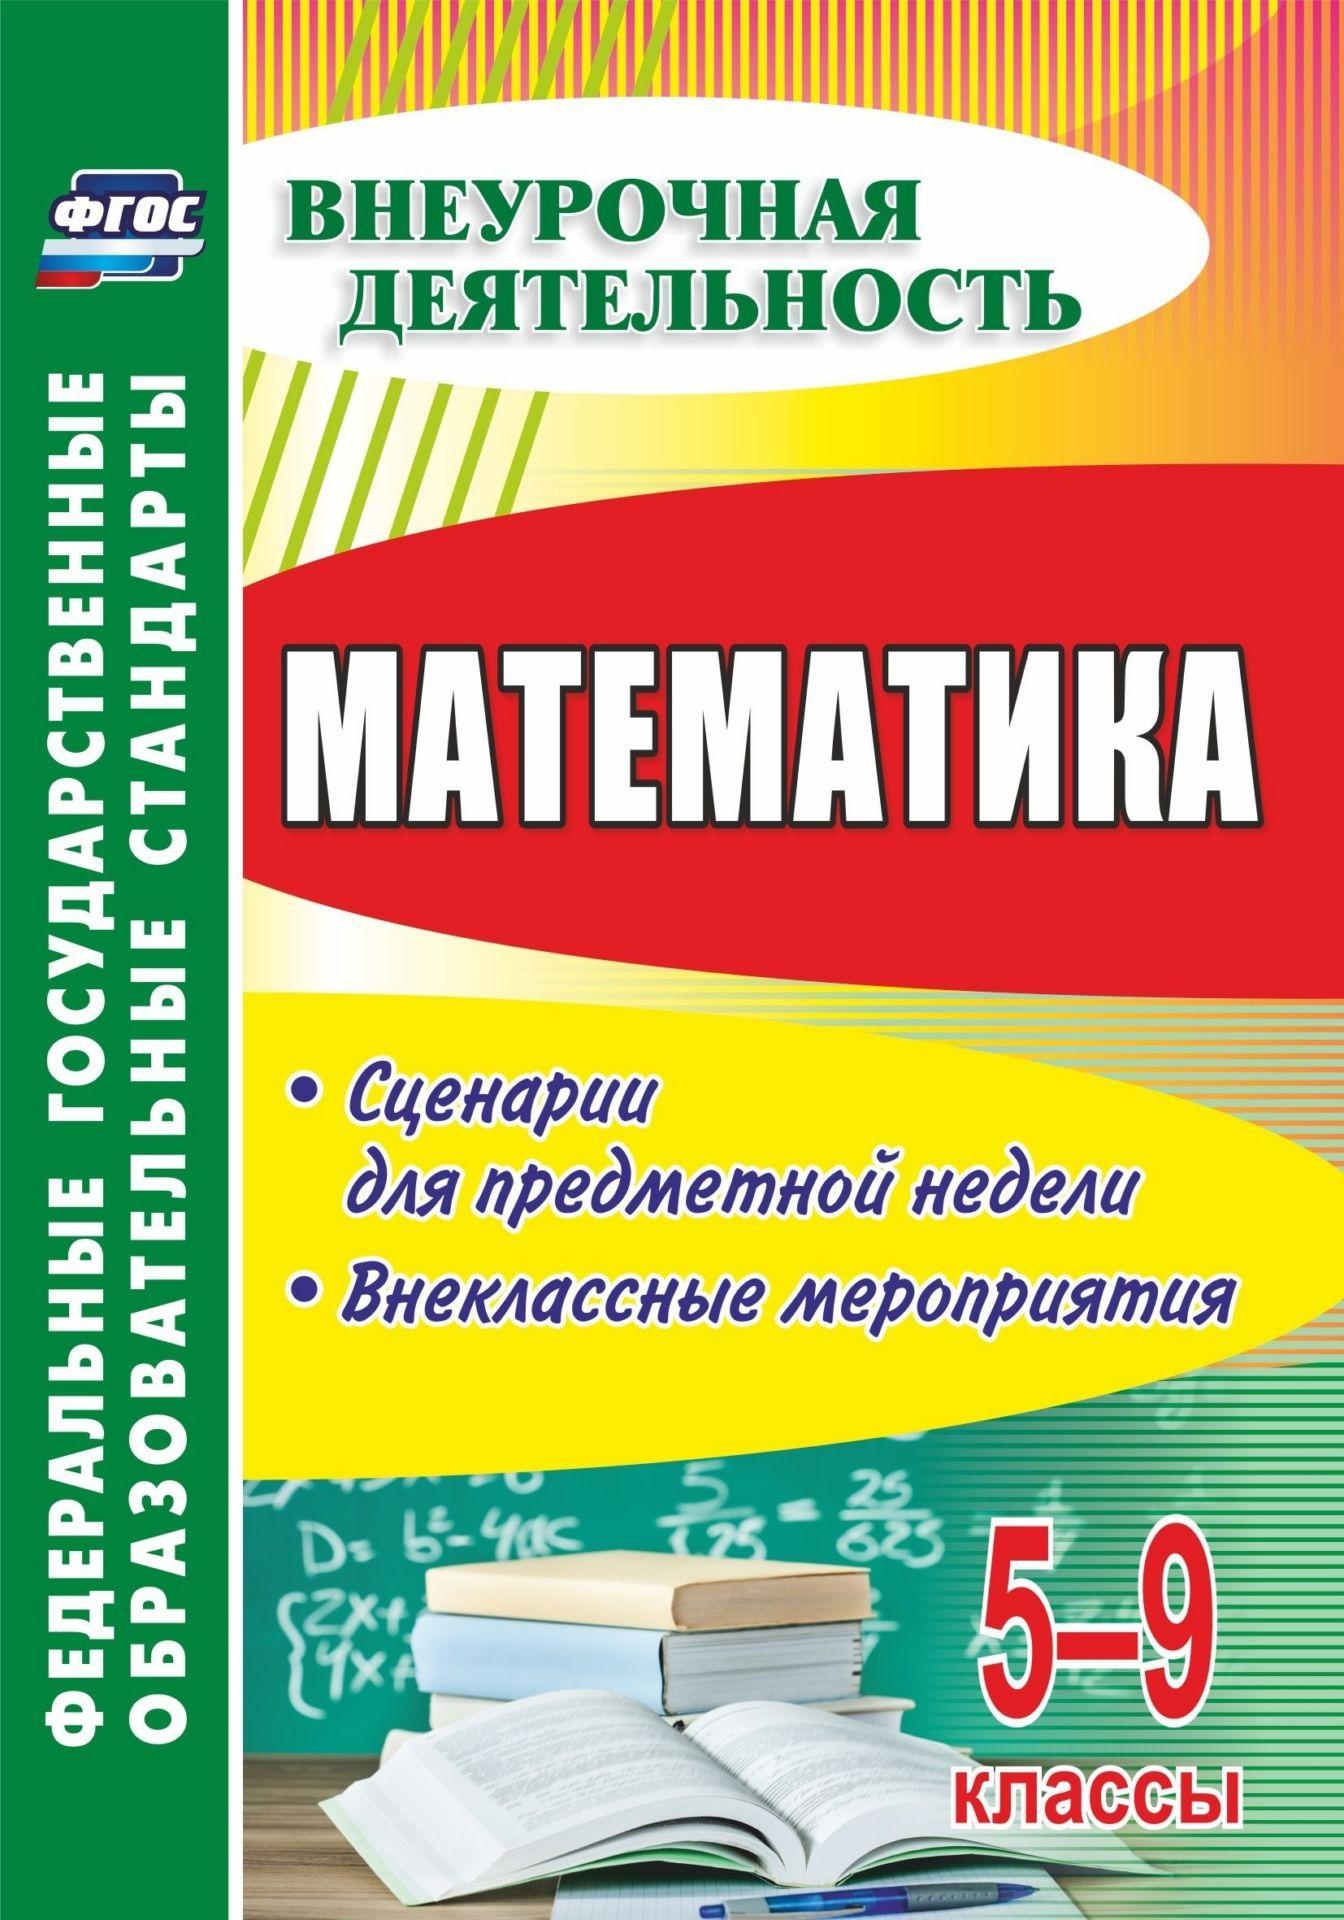 Математика. 5-9 классы. Сценарии для предметной недели. Внеклассные мероприятия. Программа для установки через Интернет